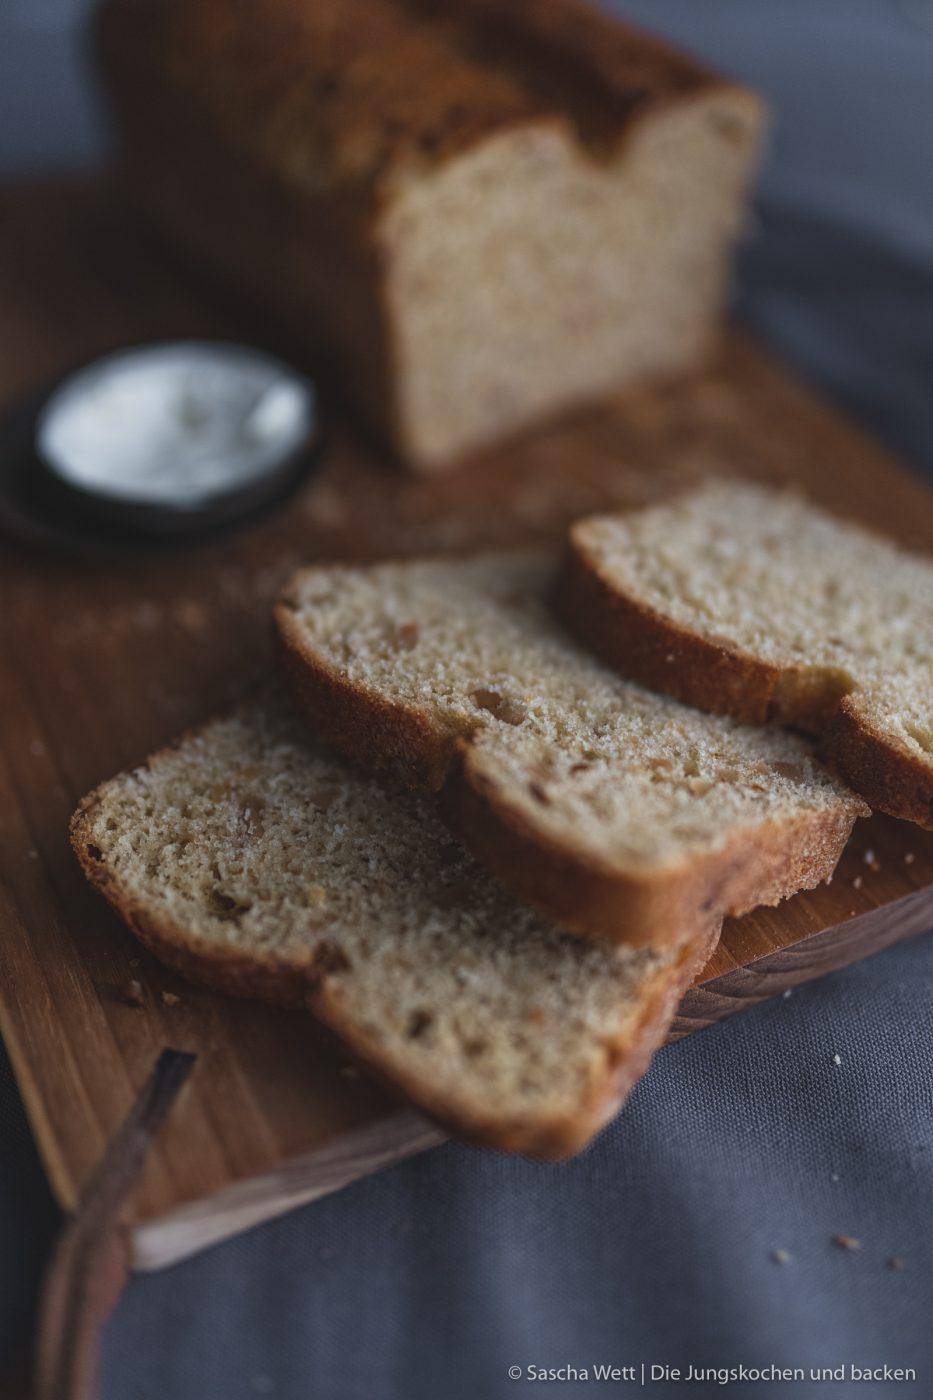 Erdnussbrot 6 | Heute haben wir wieder ein Rezept für euch, das wir mit Erdnüssen zubereitet haben. Und zwar ein selbstgebackenes Brot. Allerdings ist das ein Rezept, das wir schon im Mai, als wir auf unserer Reise mit dem Wohnmobil durch die Bretagne unterwegs waren, zum ersten Mal gebacken haben. Denn auch unterwegs backen wir unser Brot am Liebsten selber! Herausgekommen ist ein richtig tolles Frühstücksbrot und wir wussten, dass wir das unbedingt nochmal in unserem heimischen Offen neu backen müssen, damit ihr das leckere Brot auch nach unserem Rezept selber backen könnt.